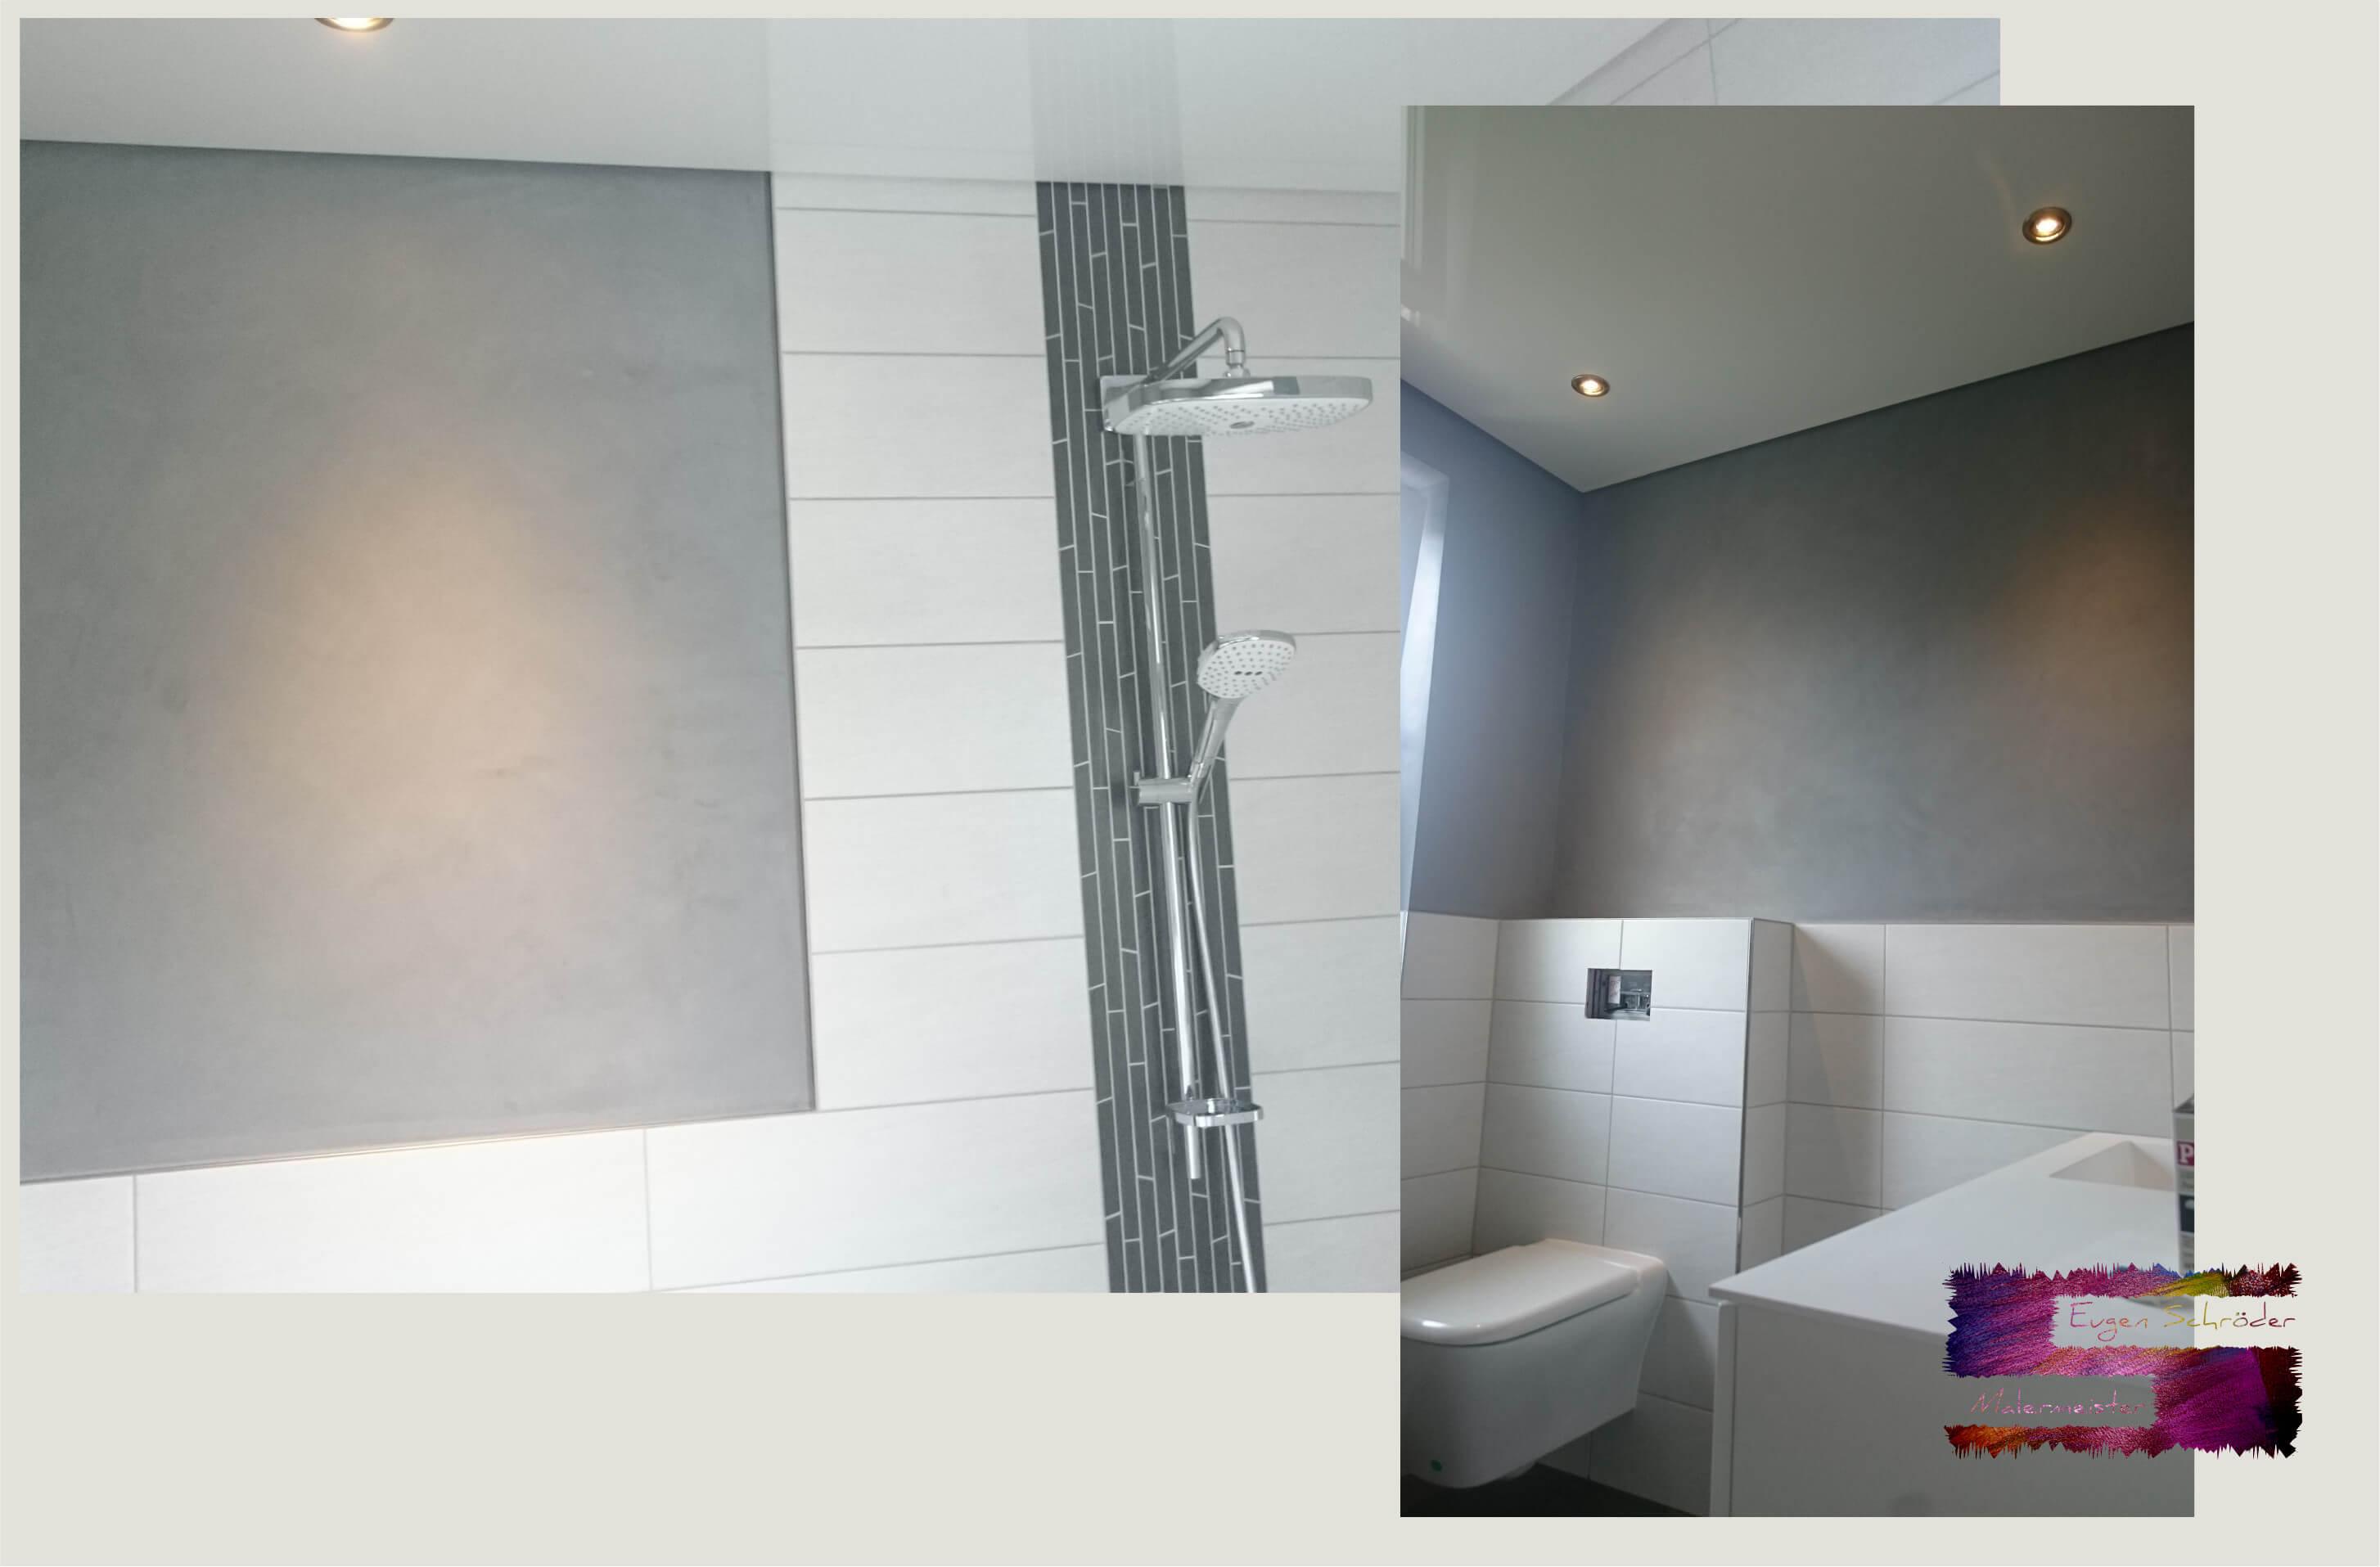 badezimmer ohne fliesen malermeister eugen schr der in. Black Bedroom Furniture Sets. Home Design Ideas